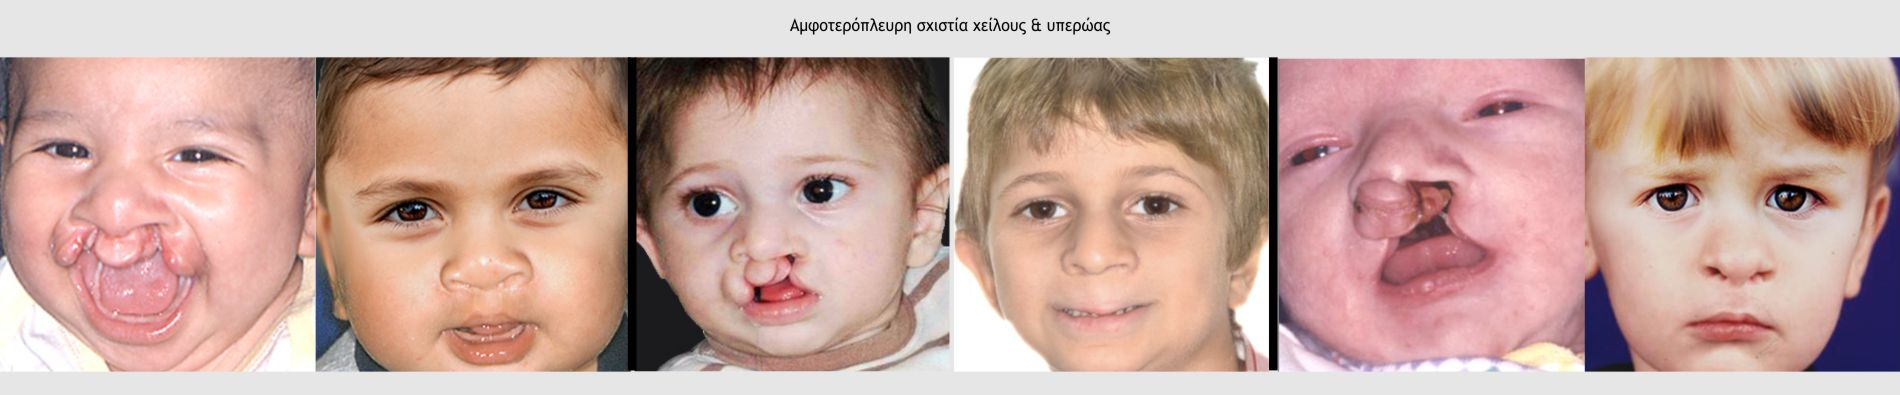 Αμφοτερόπλευρη σχιστία χείλους & υπερώας